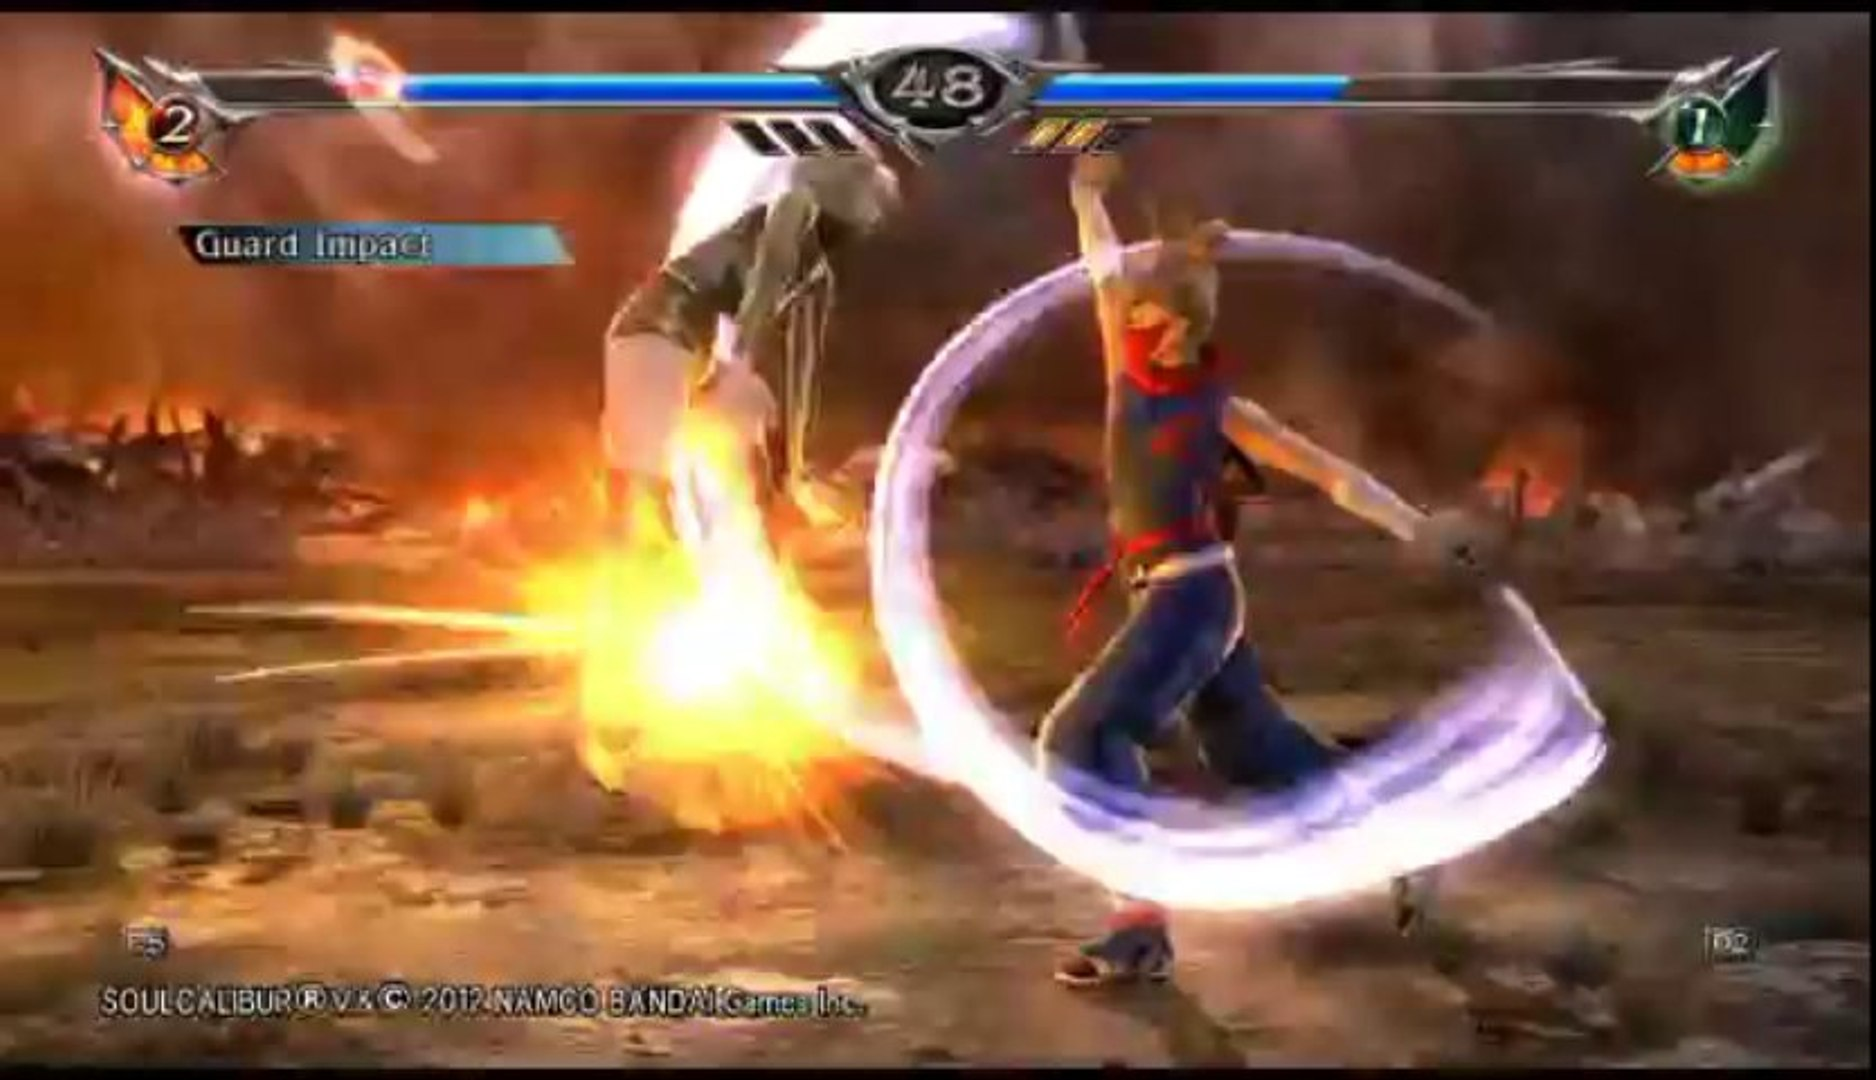 Soul Calibur V | Ranked Online Match - Helena Versus Natsu